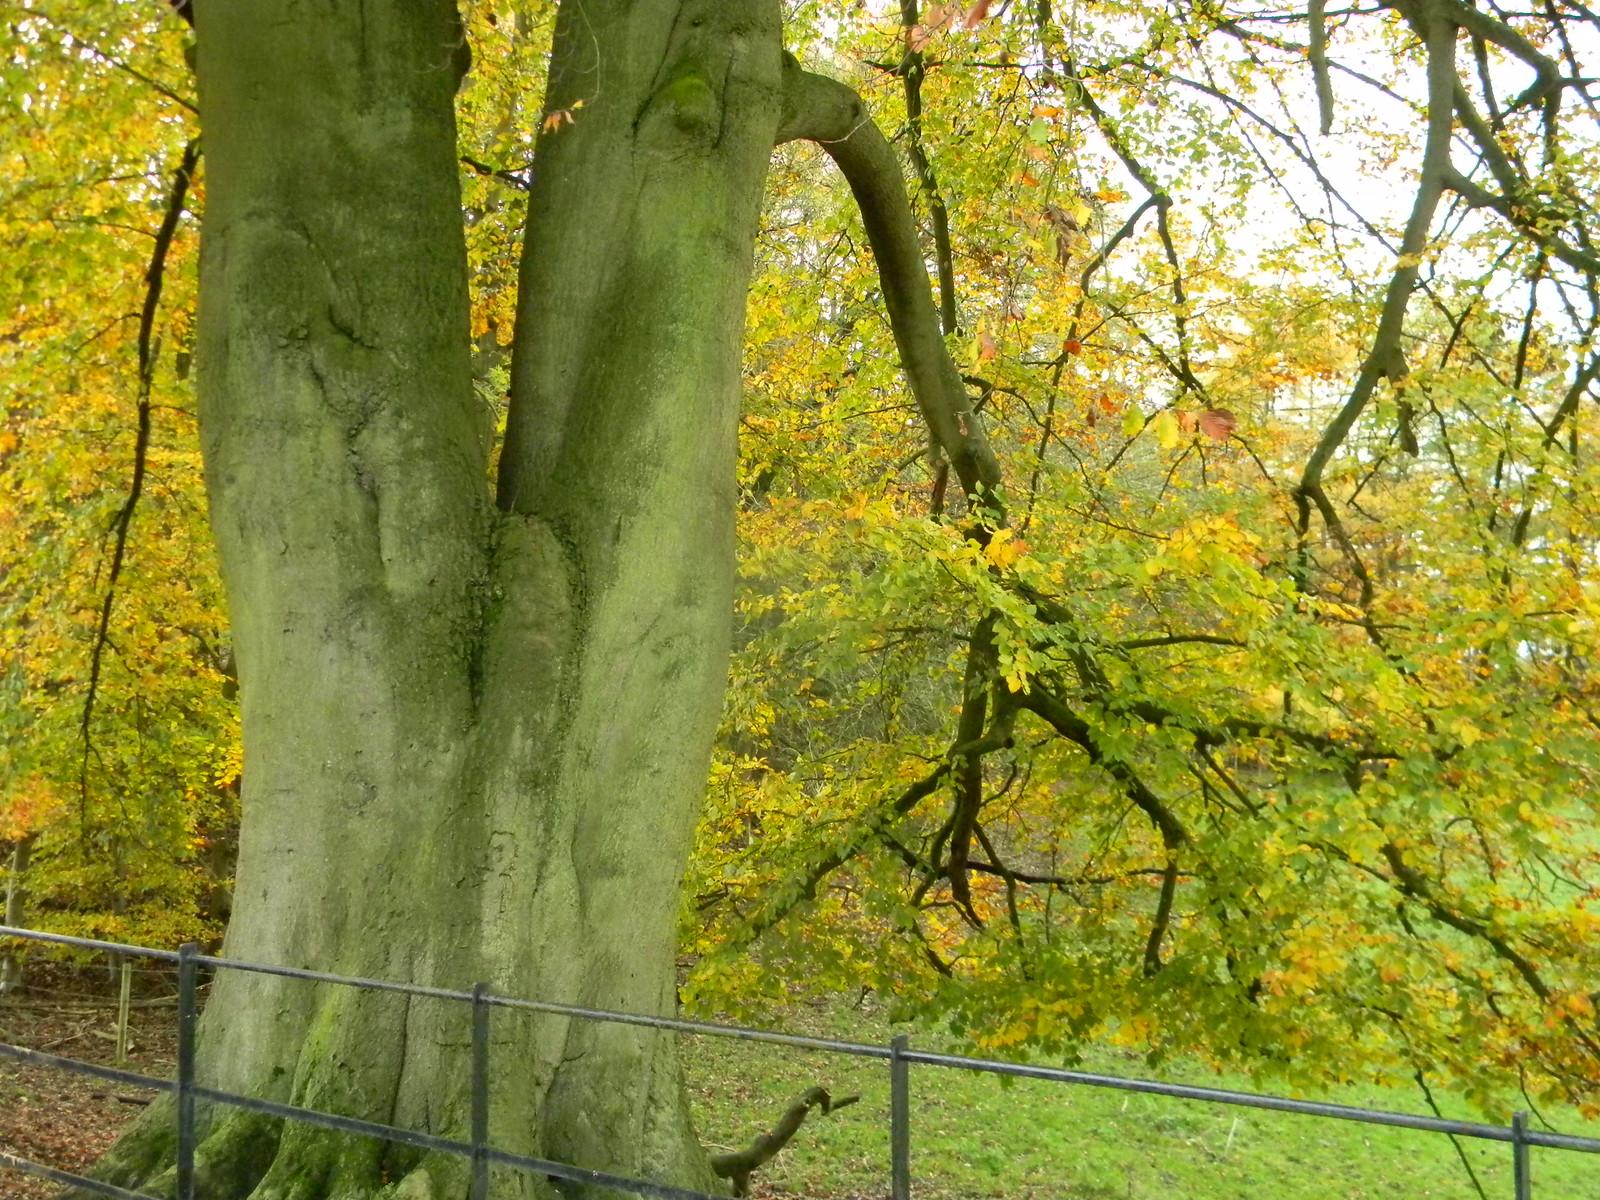 Forked tree Merstham to Tattenham Corner